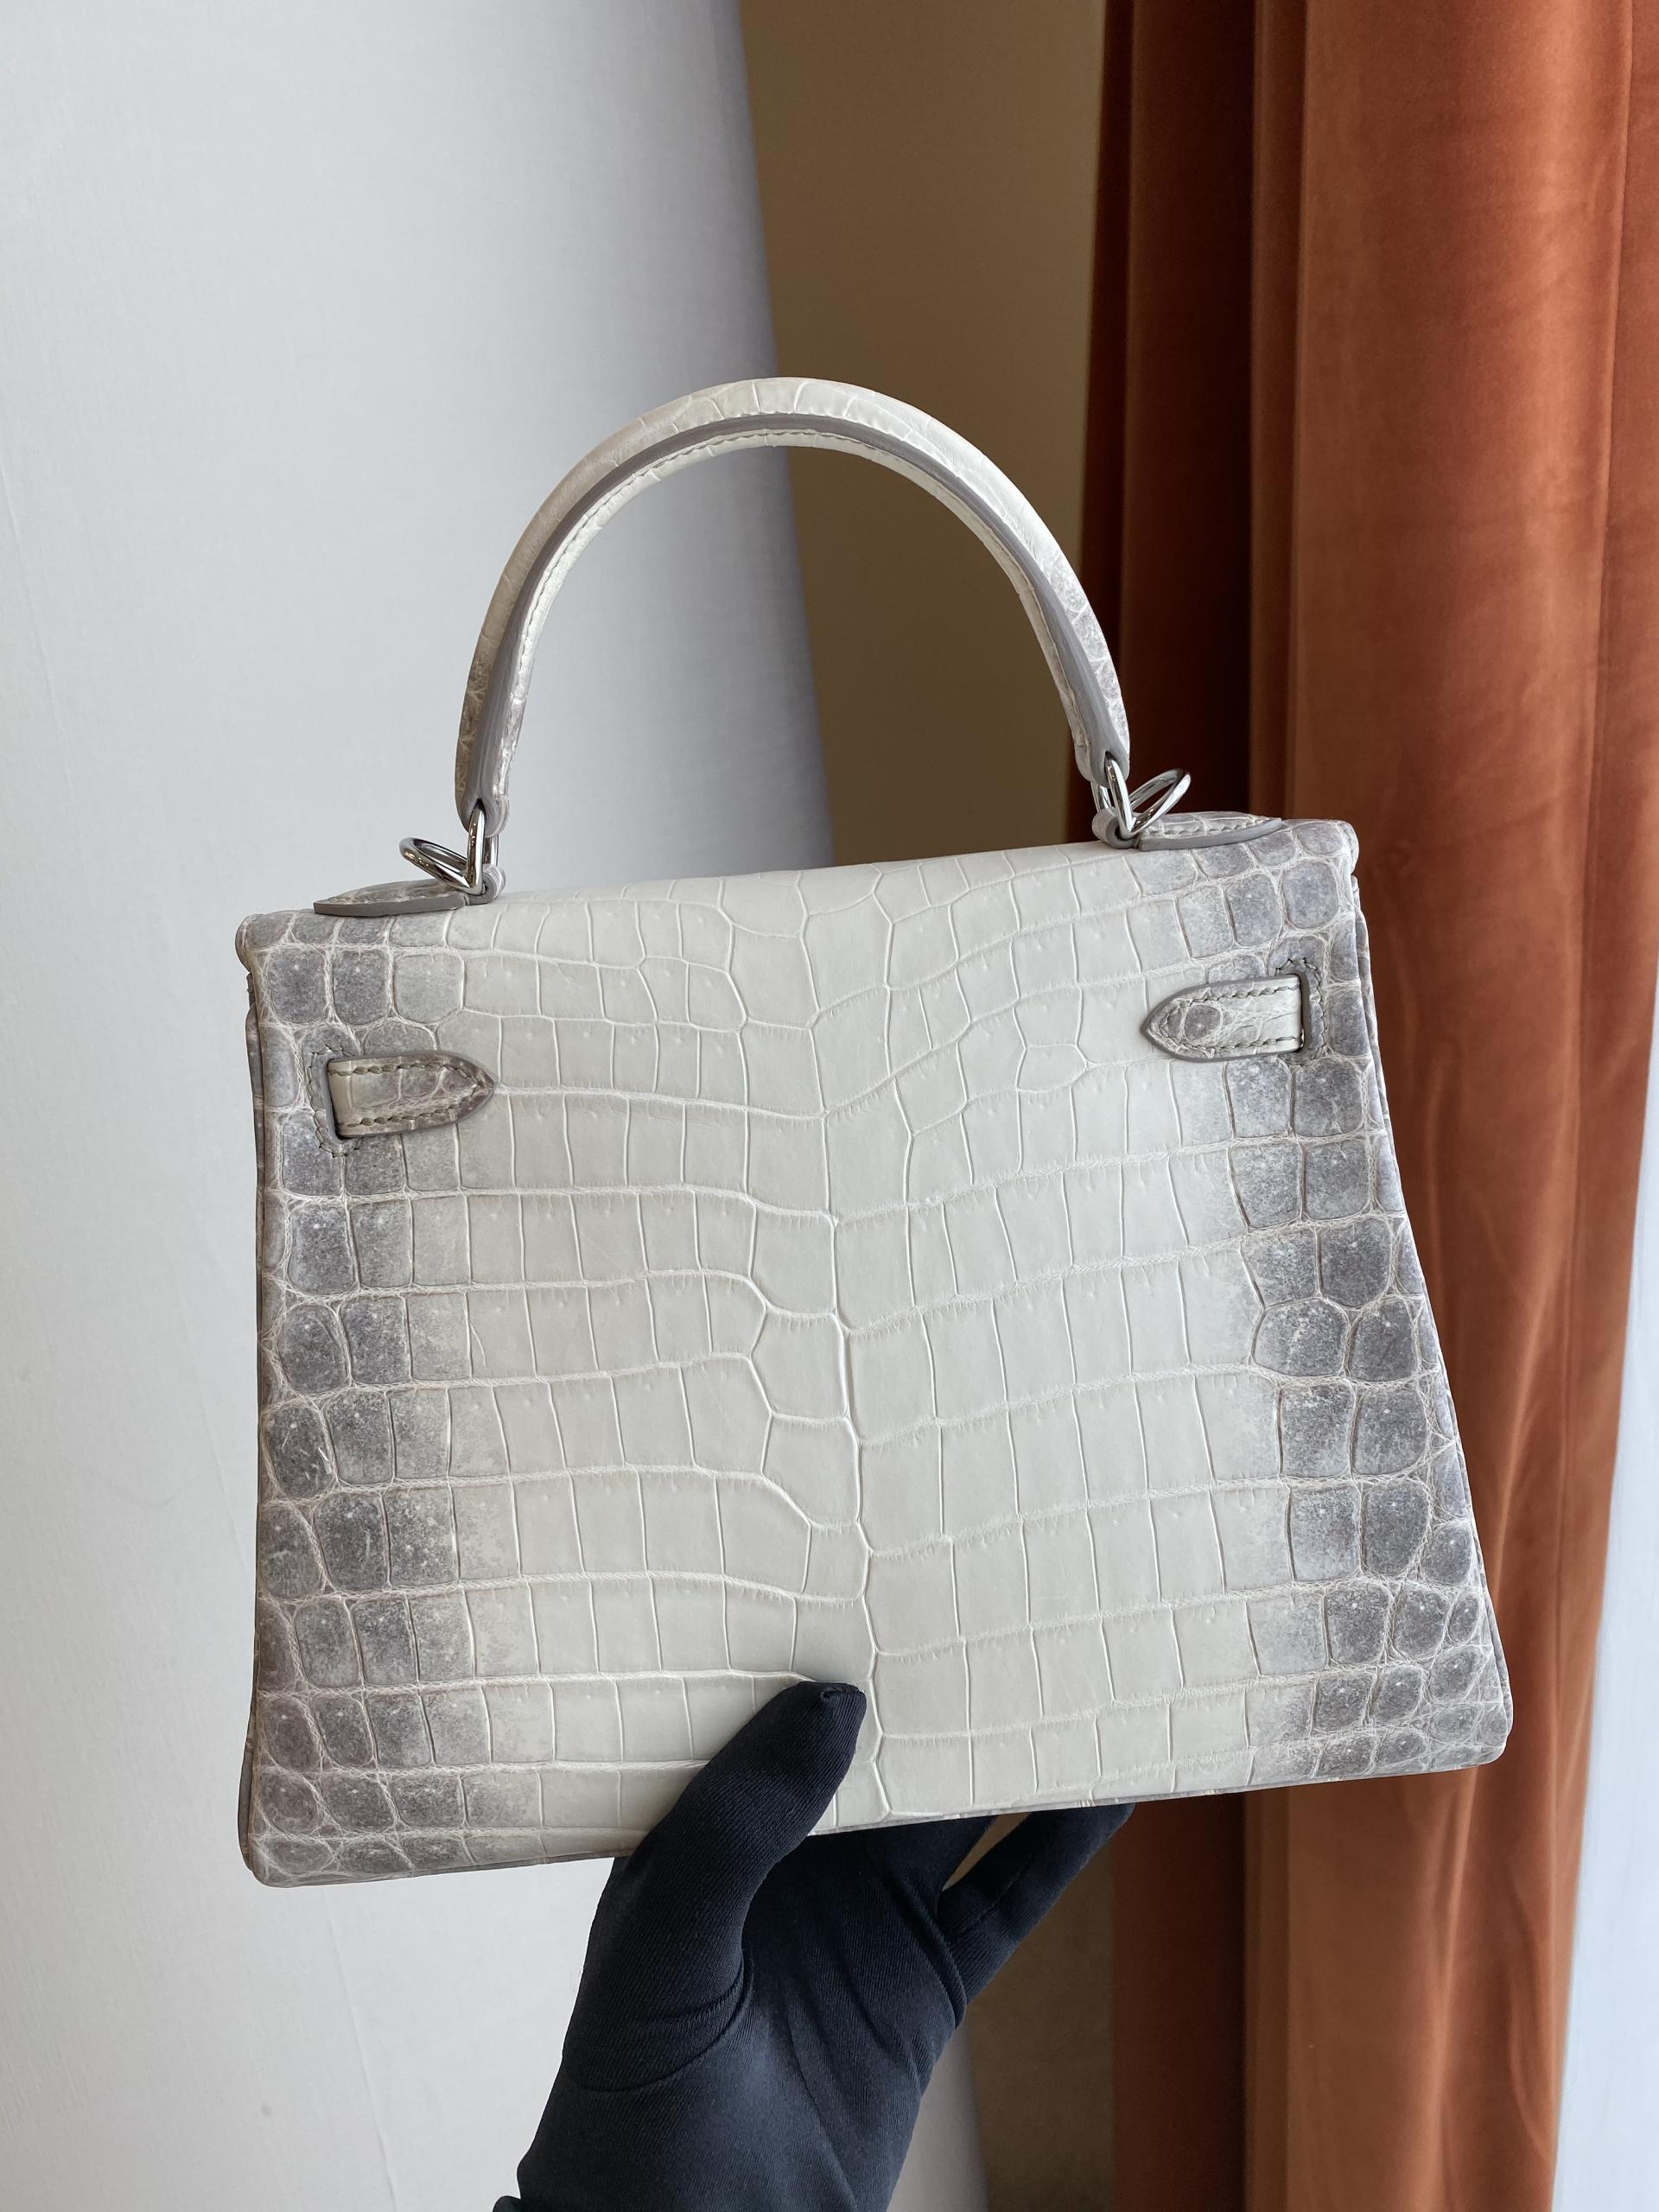 香港南區深水灣 愛馬仕喜馬拉雅凱莉包25寸多少錢 Hermes Kelly 25cm Himalayan White Crocodile